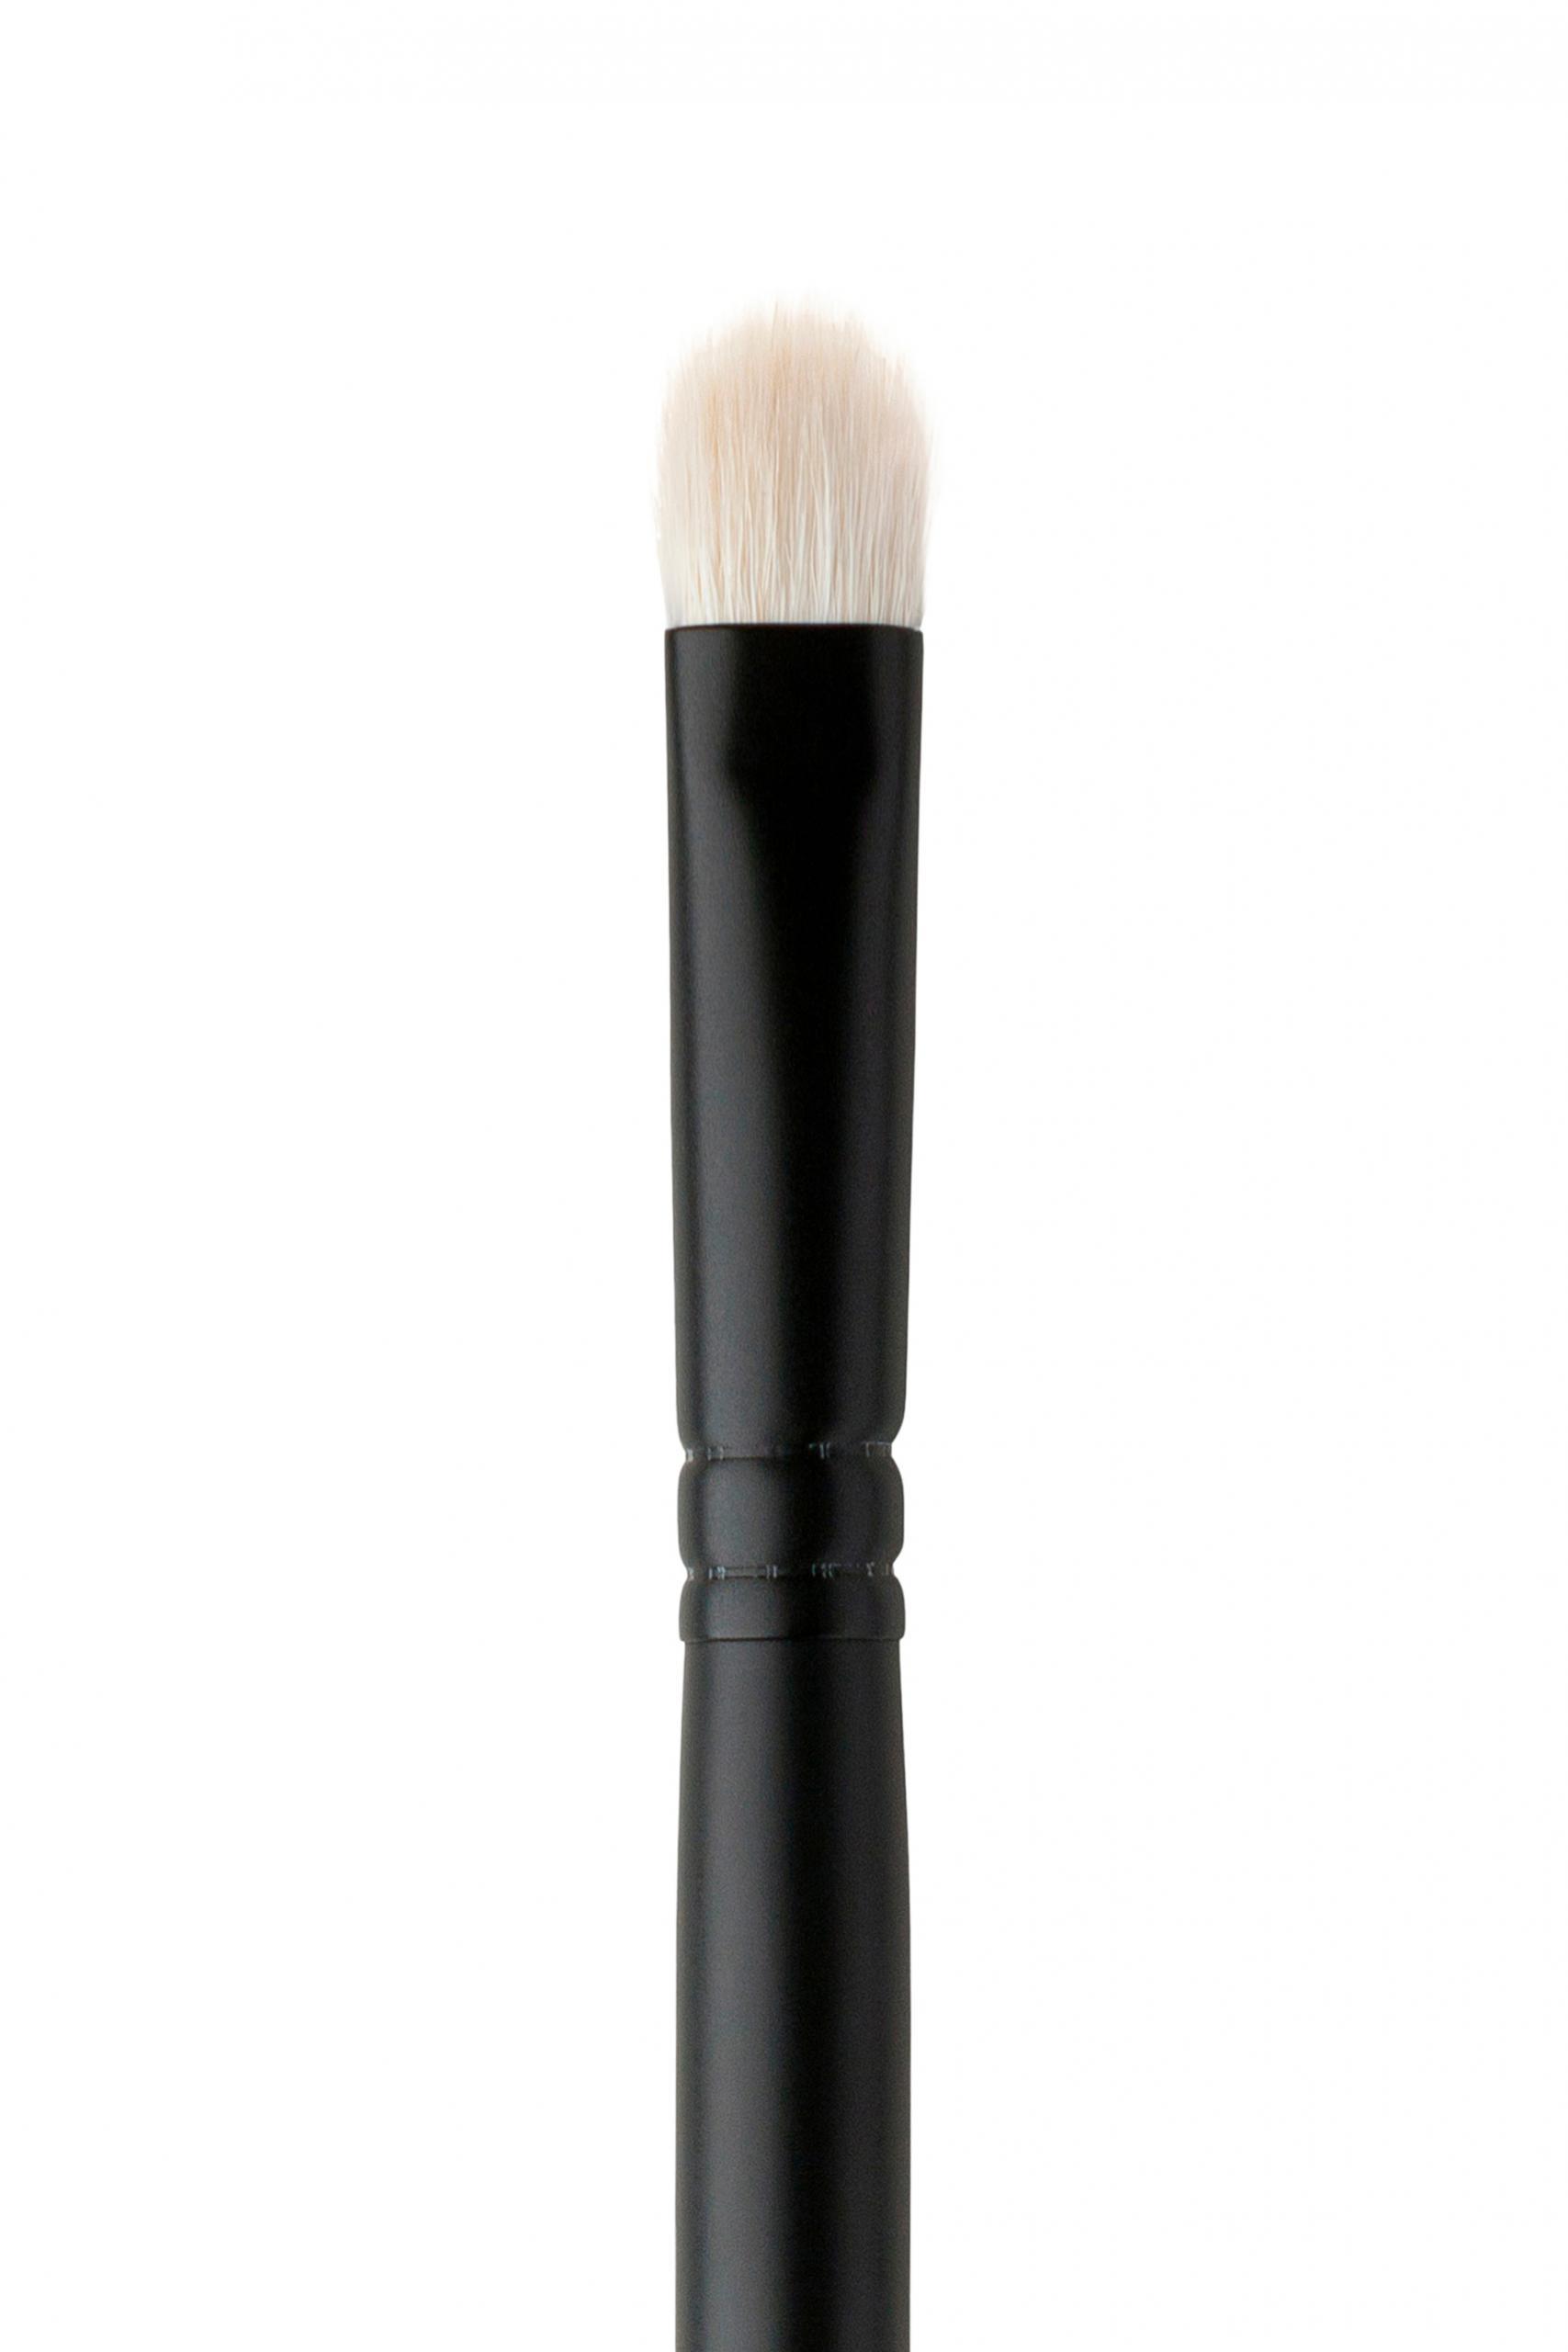 Фото ворса кисти для теней и карандаша Annbeauty S16